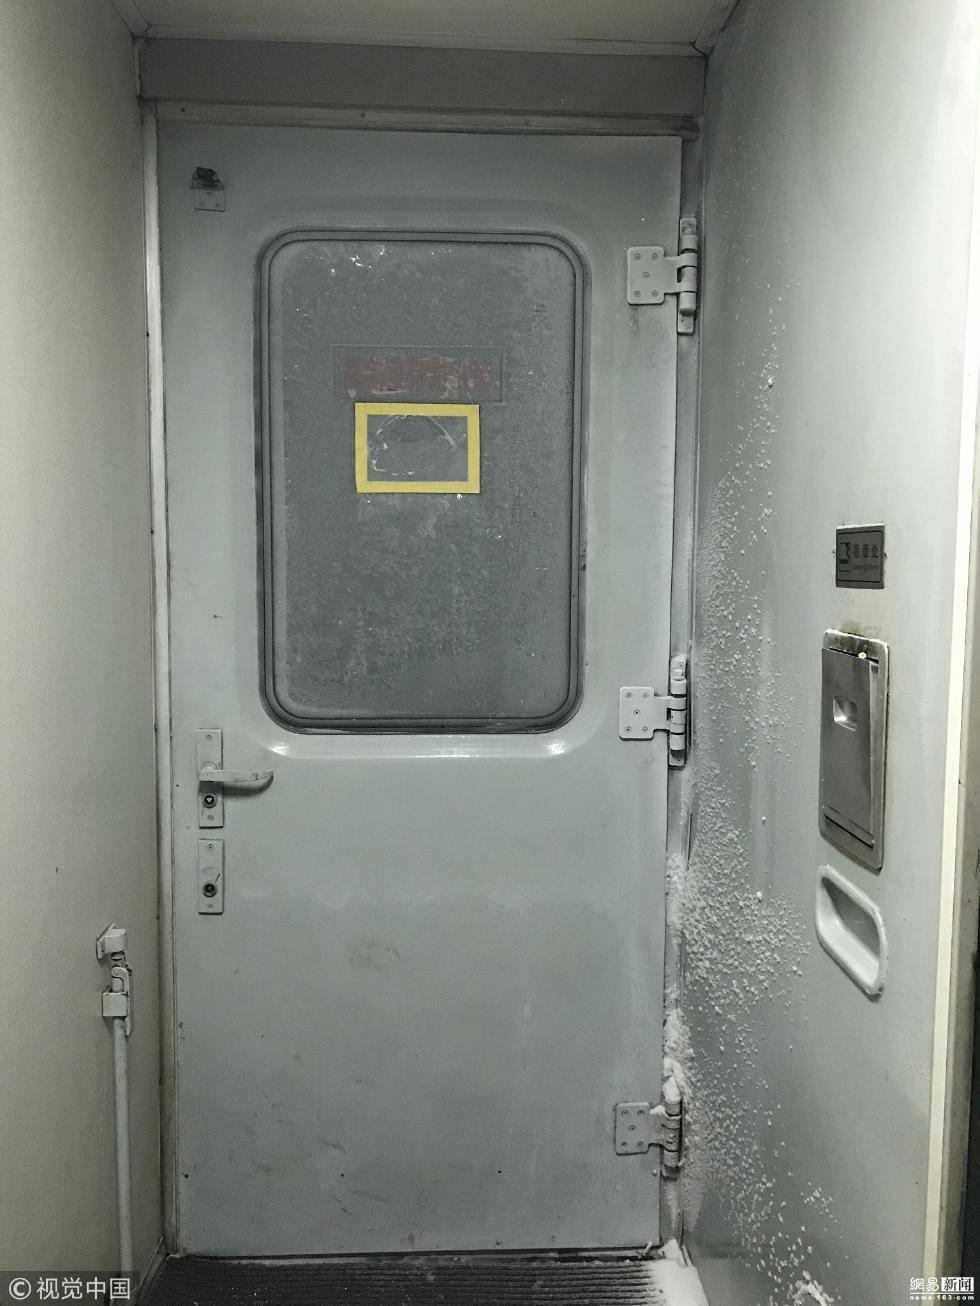 火车窗户上贴塑料布防漏风